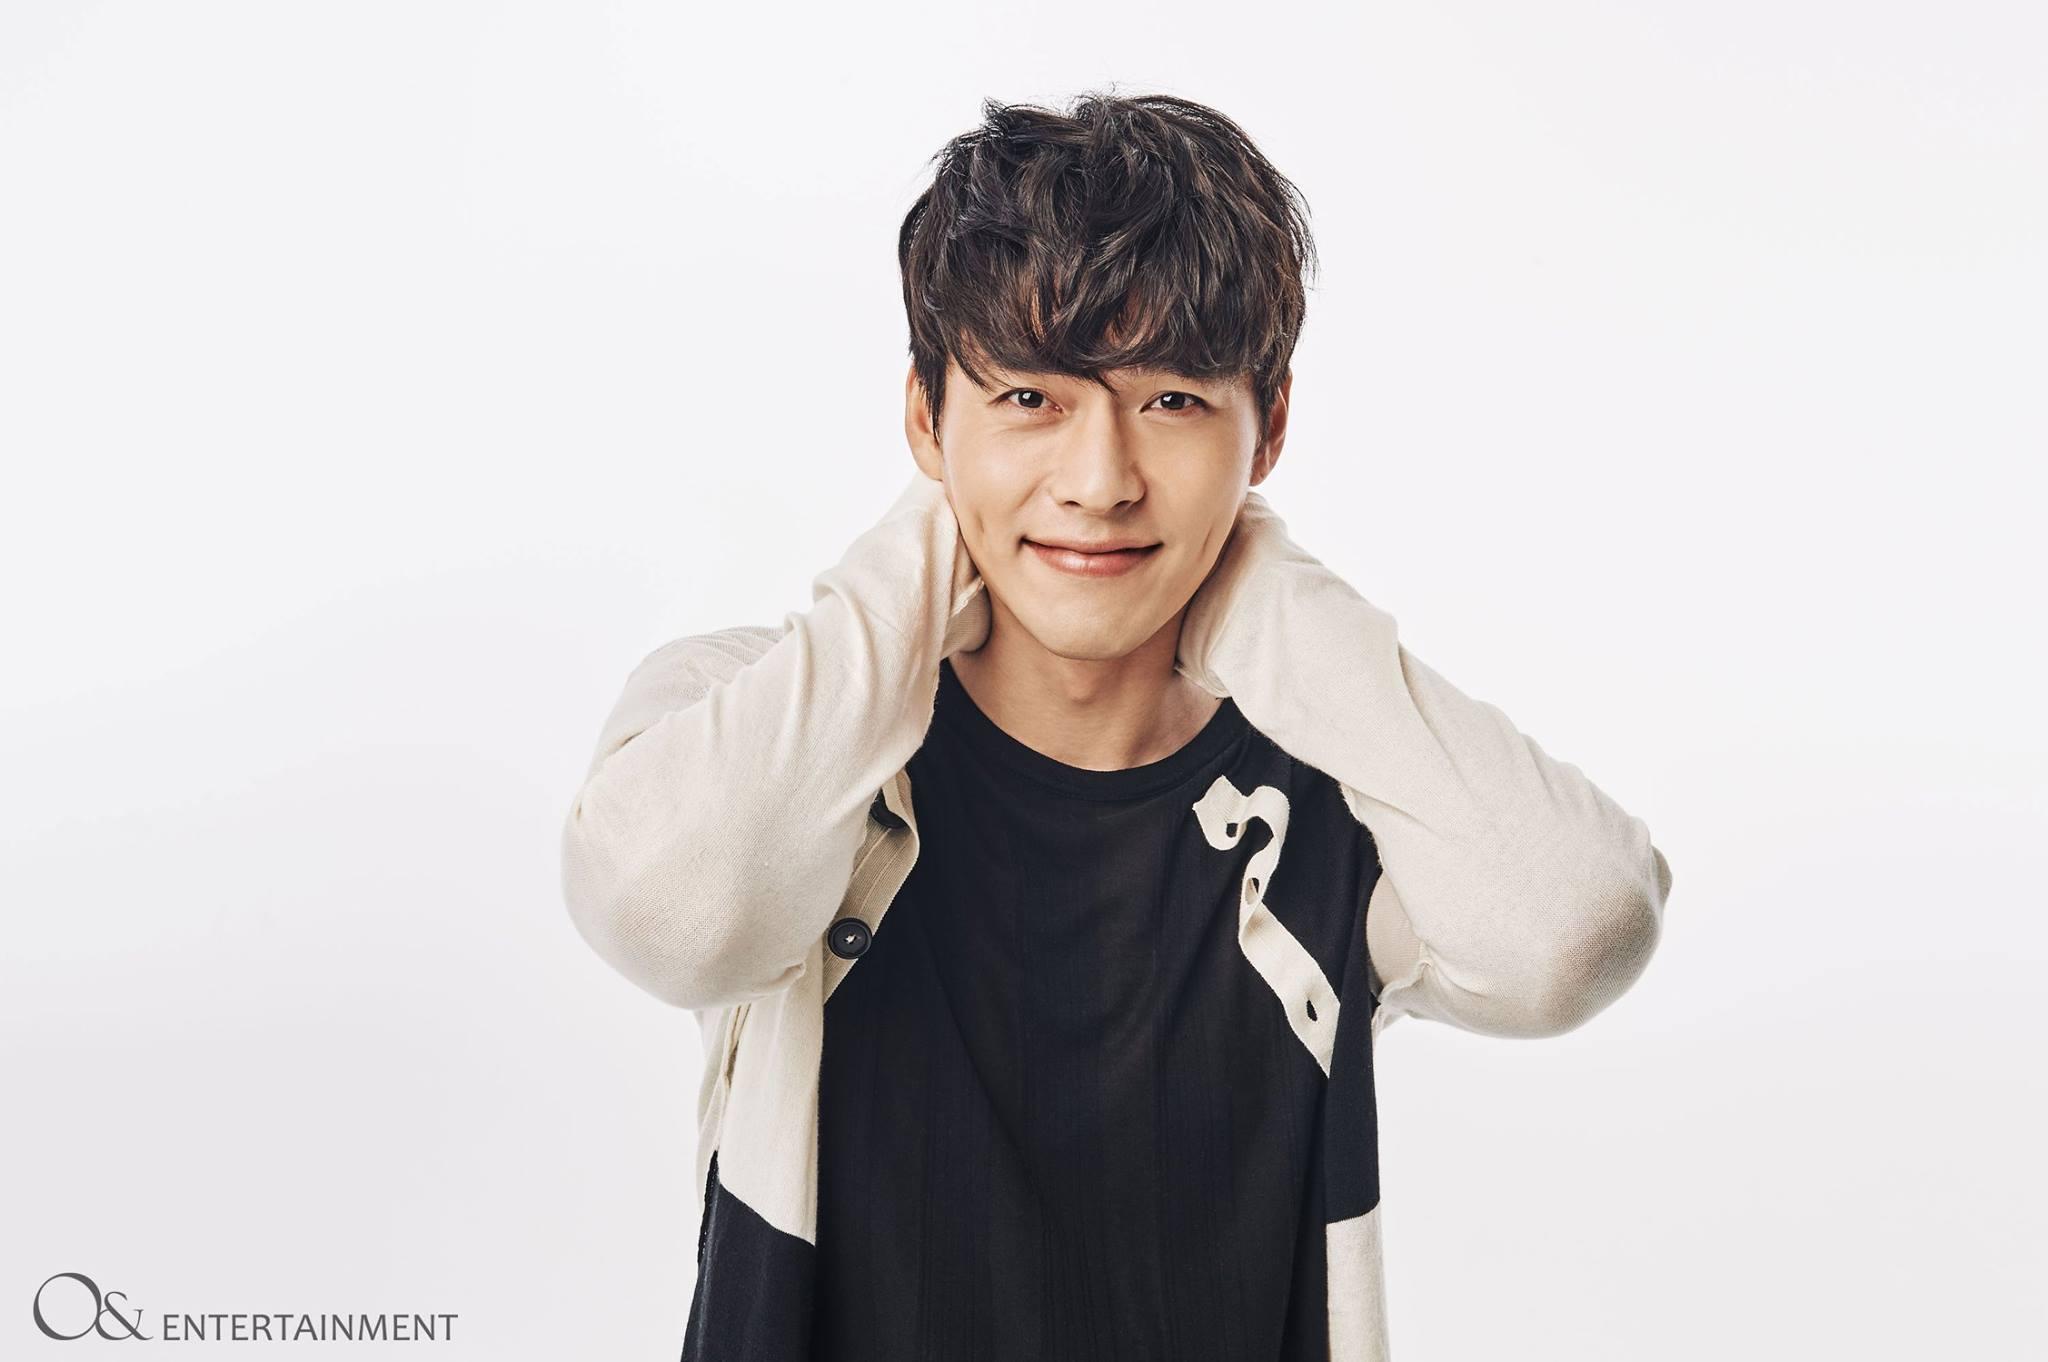 相信许多看韩剧的粉丝们应该都对玄彬不陌生吧,玄彬出道至今已超过十图片